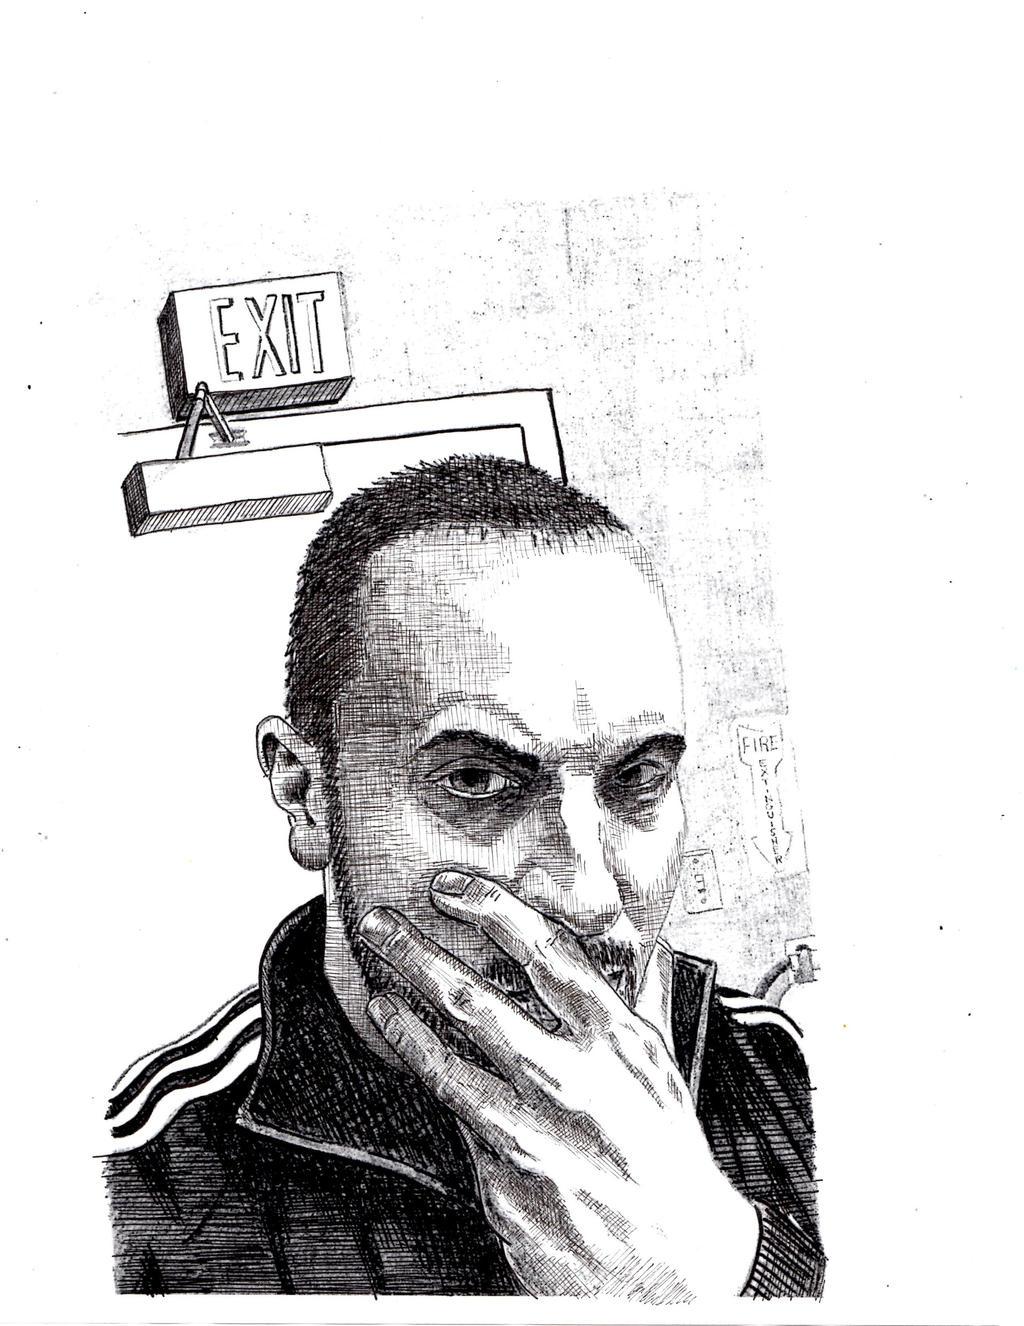 self_portrait_in_cross_hatch_by_markdaniel-d6n1zxk.jpg